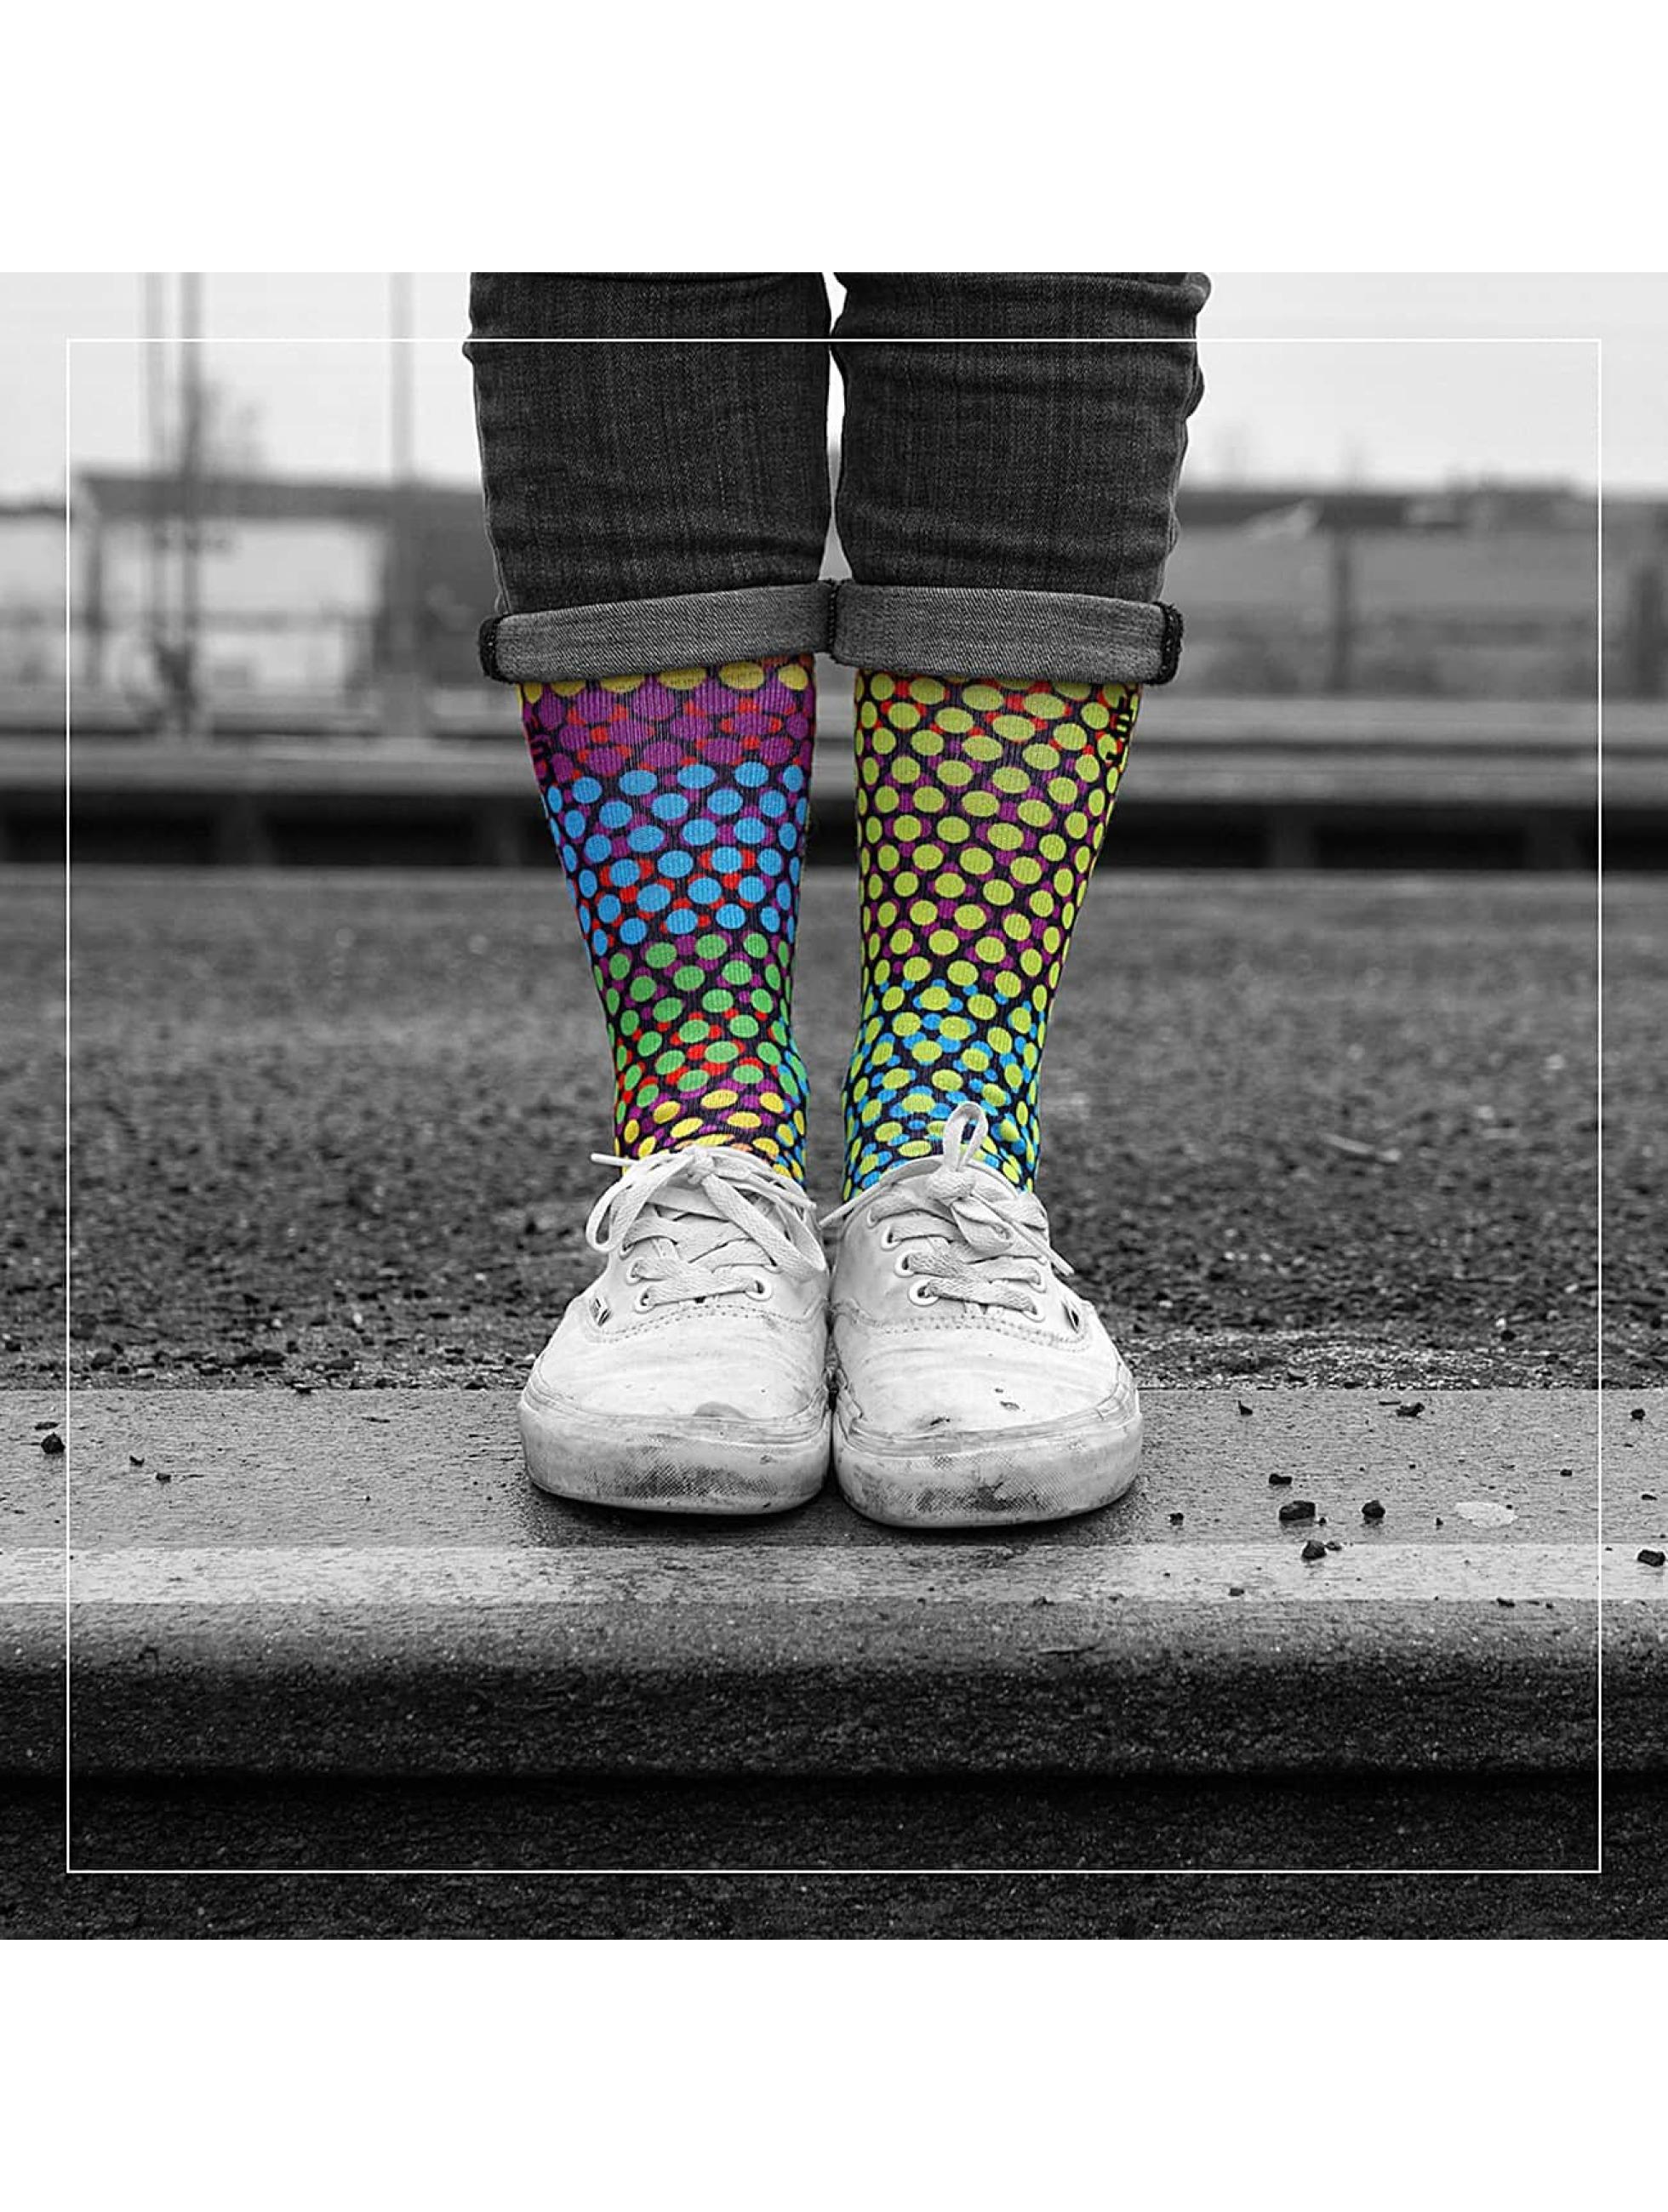 LUF SOX Skarpetki Glow Dots kolorowy